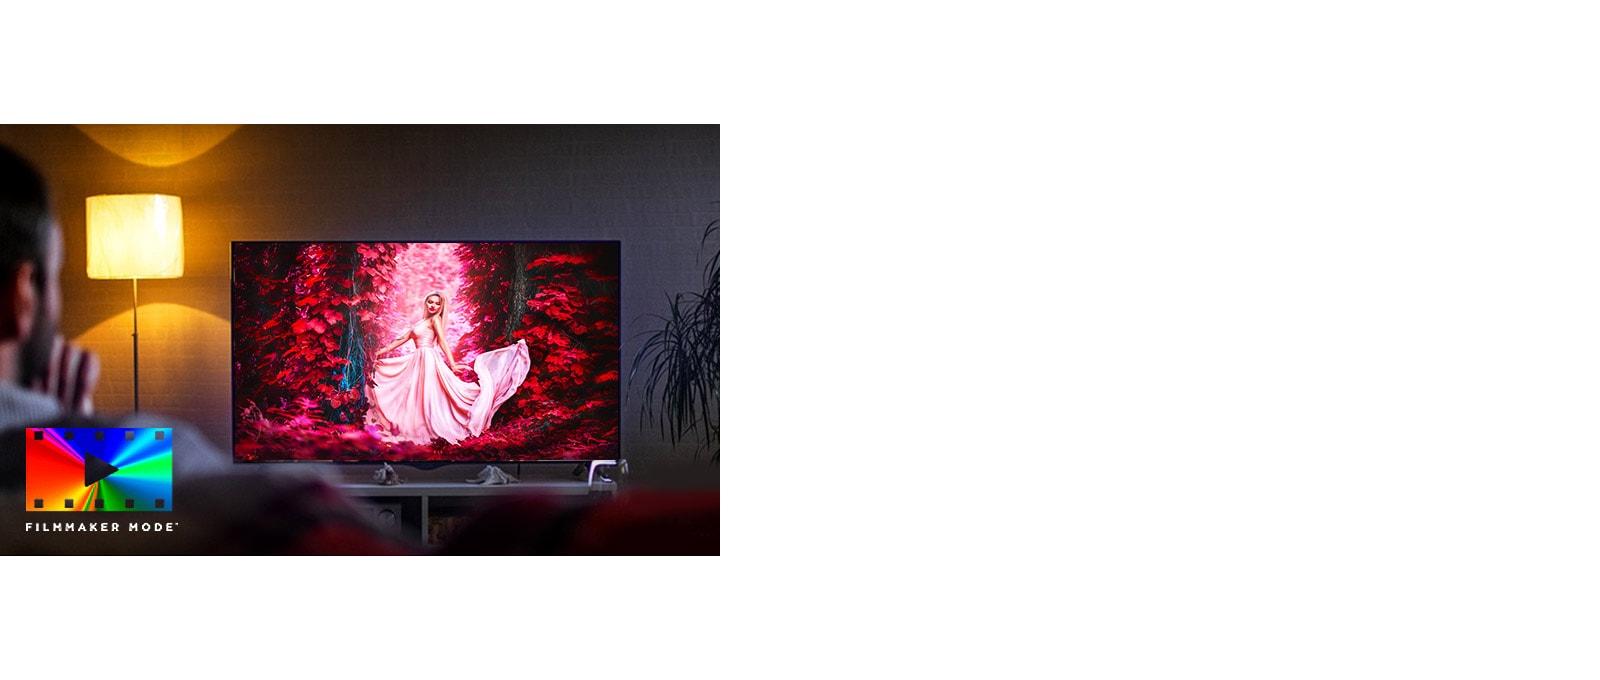 Un hombre sentado en un sofá del salón con una película colorida en la pantalla del TV